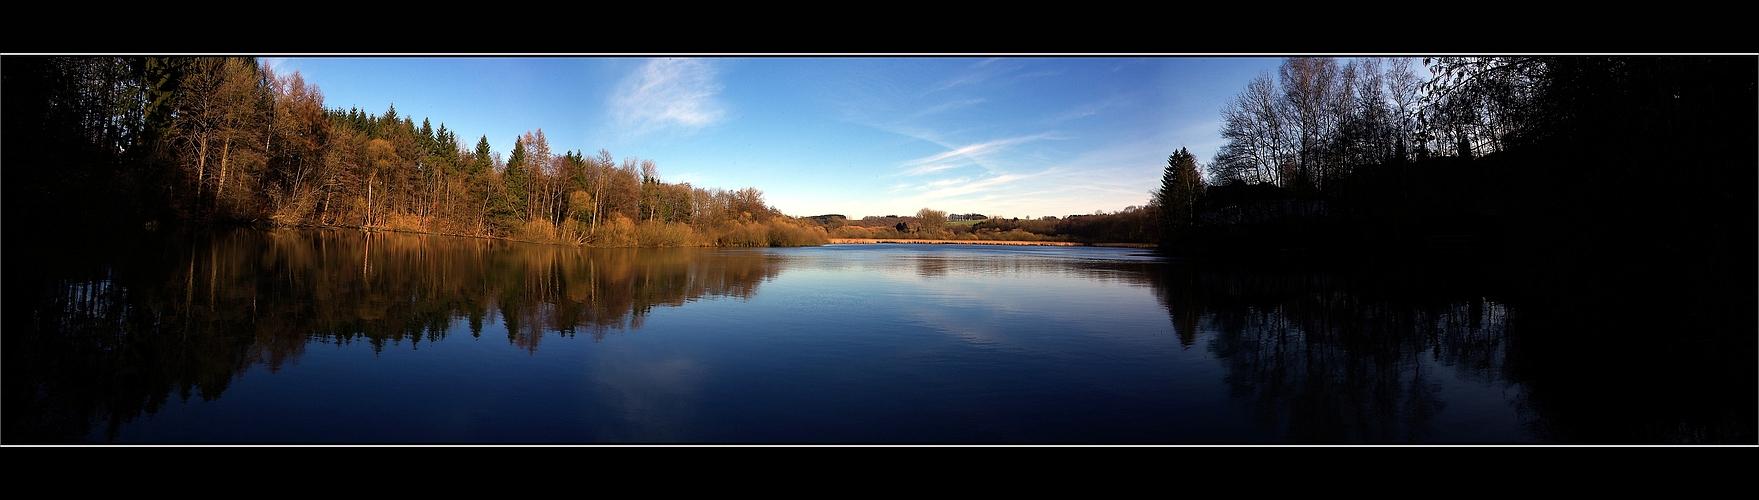 Herrensee Panorama im Herbst